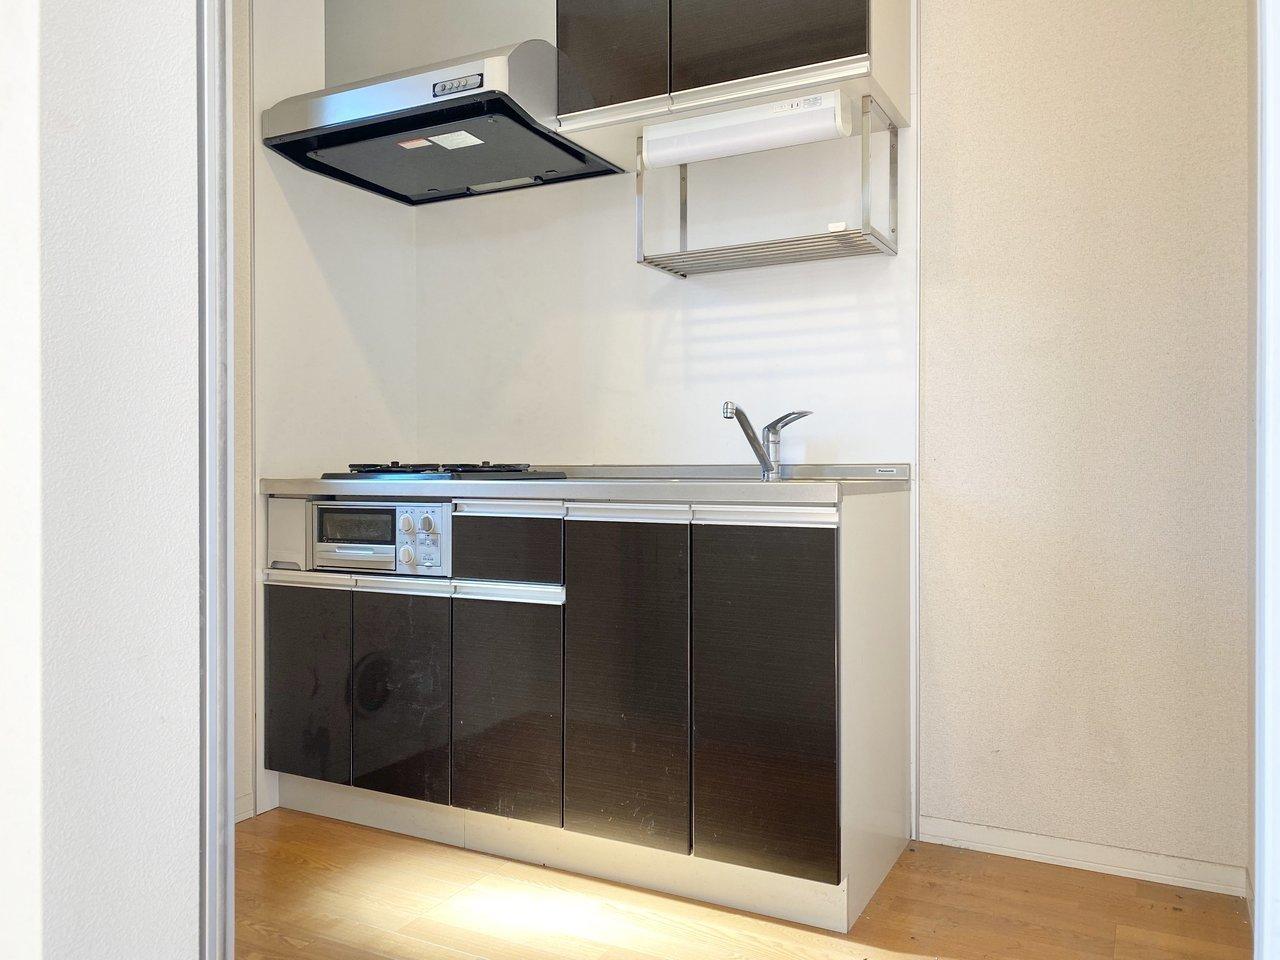 キッチンは洋室からスライドドアで仕切られた一つの空間にあります。匂いが出る料理をするときは、この扉でシャットアウトしてしまえば、部屋の中に充満しなくてよさそうです。